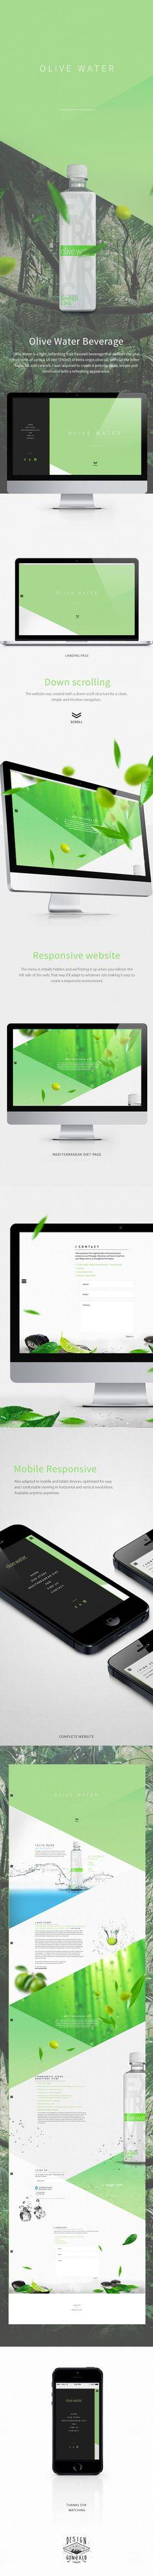 Olive Water website on Web Design Served